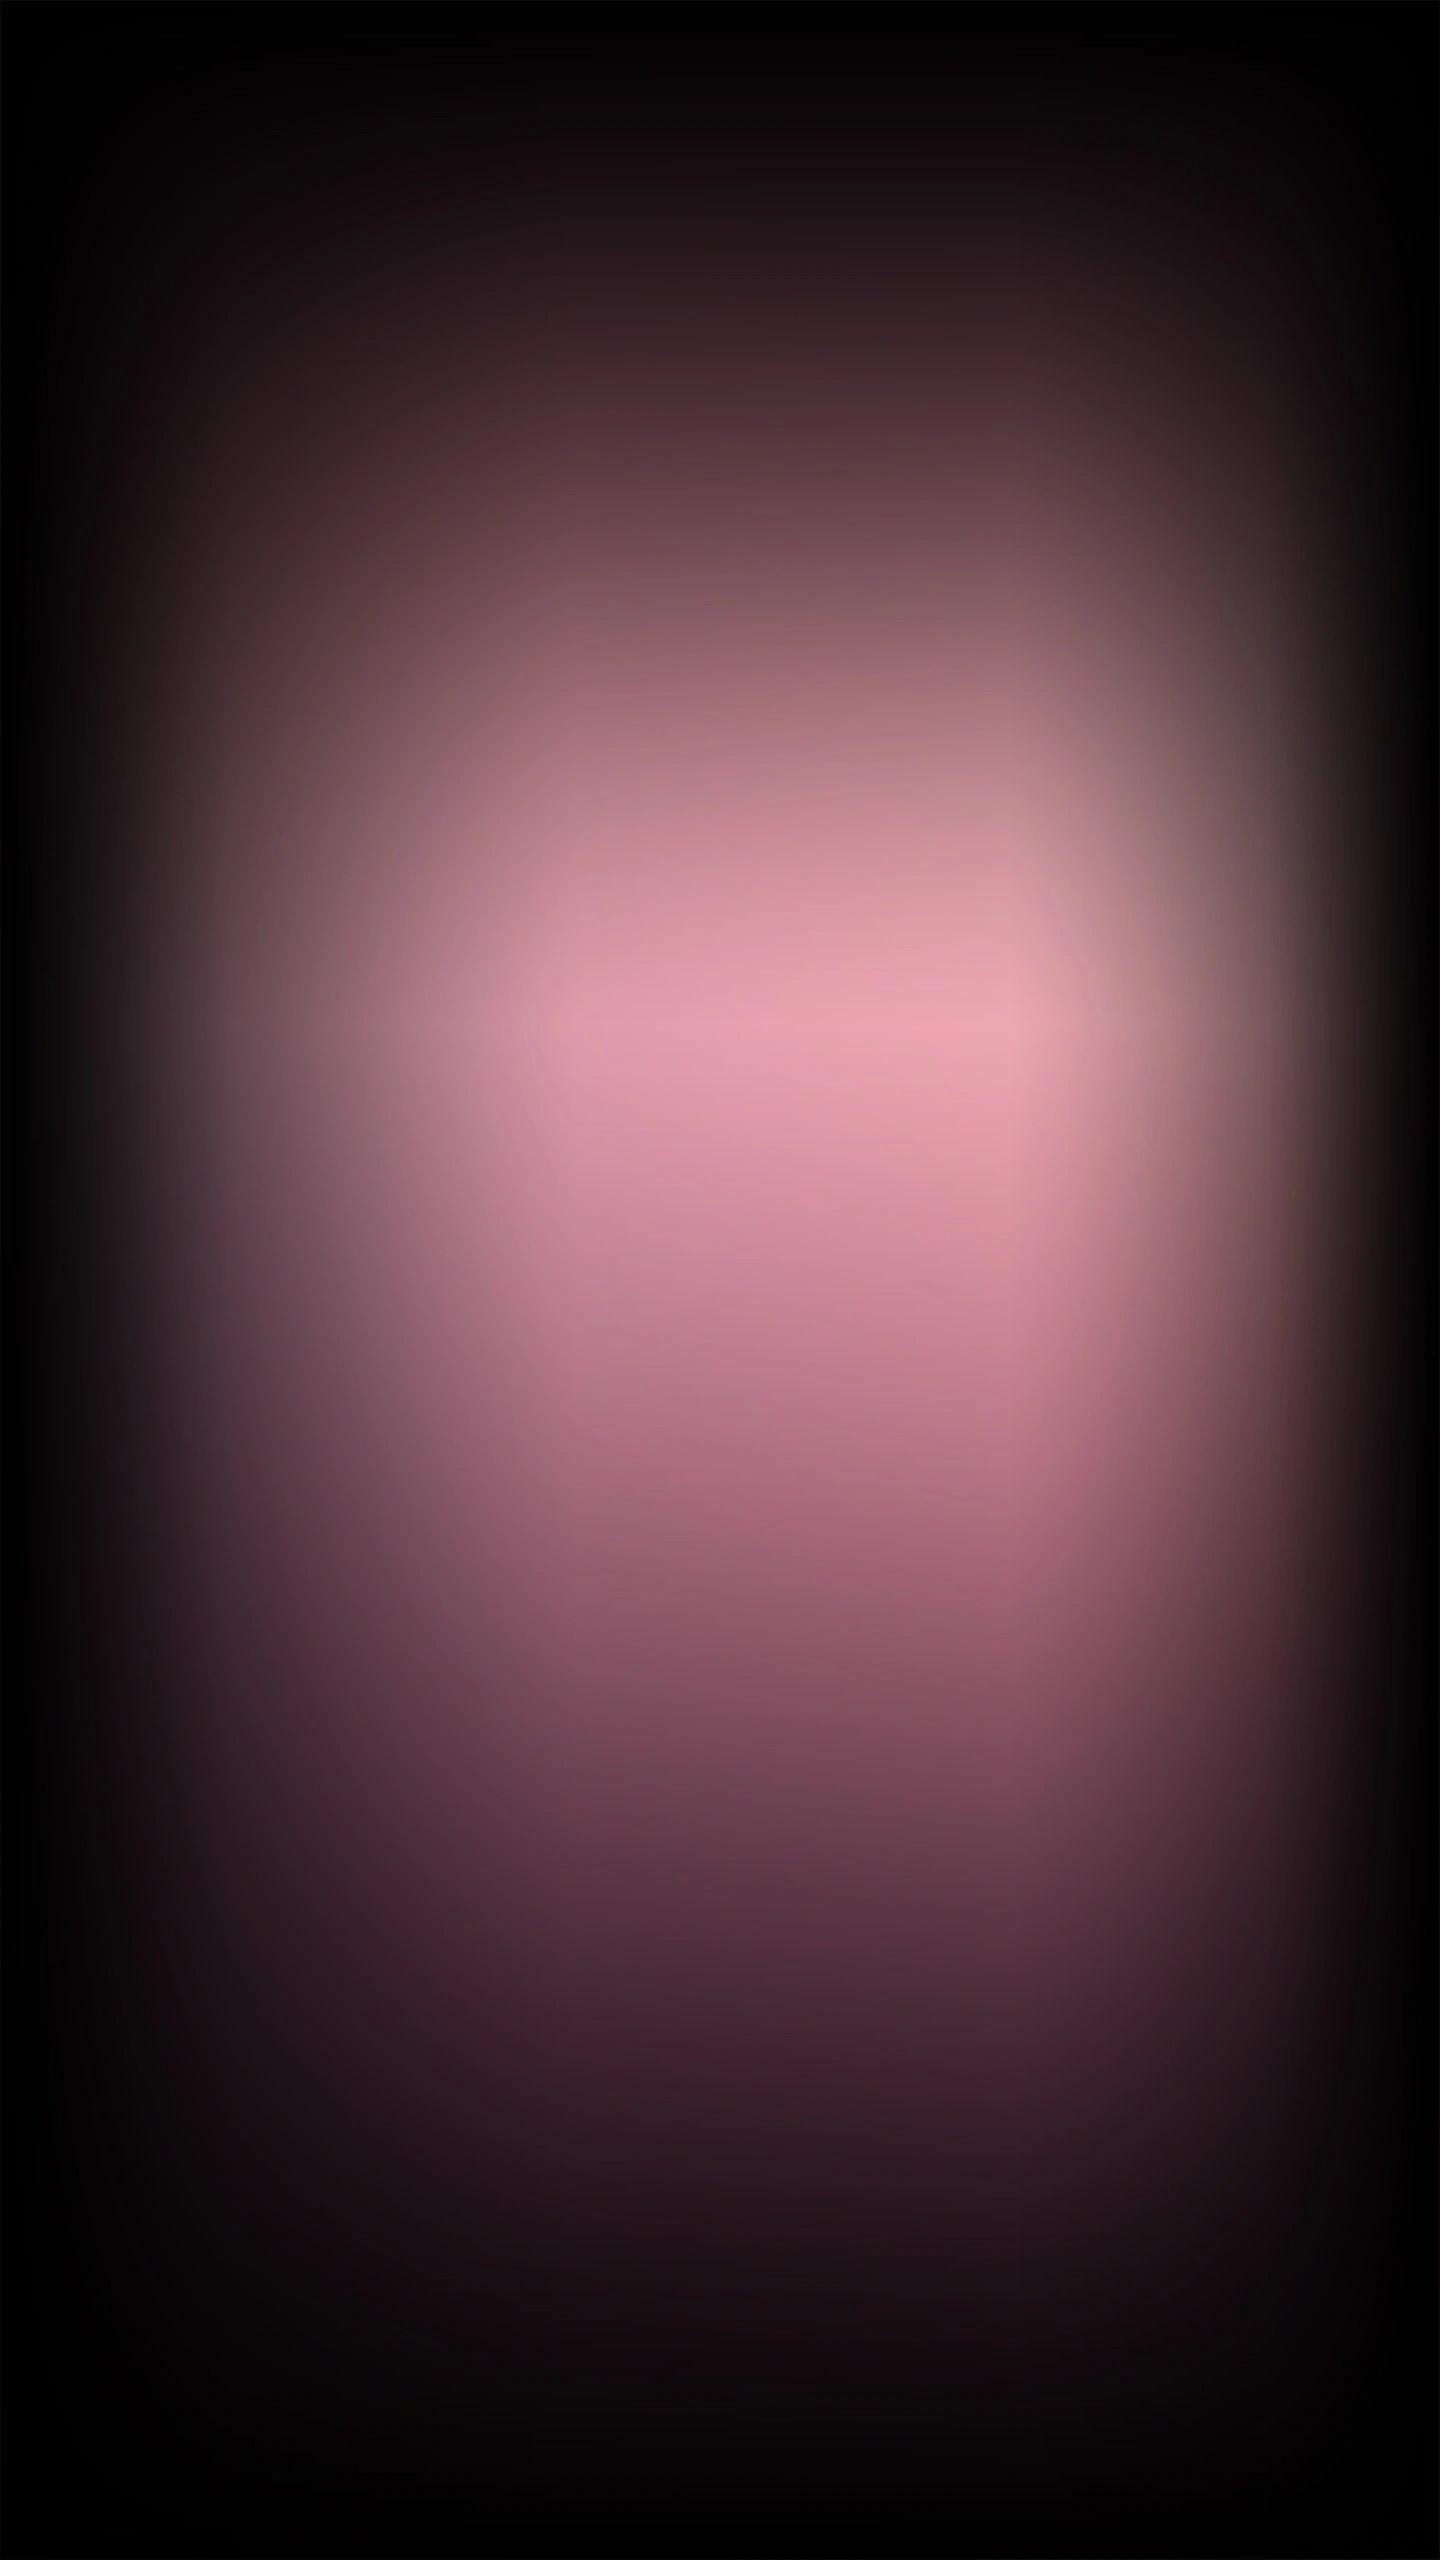 mate9_pink_cover_blurwallpaper_0